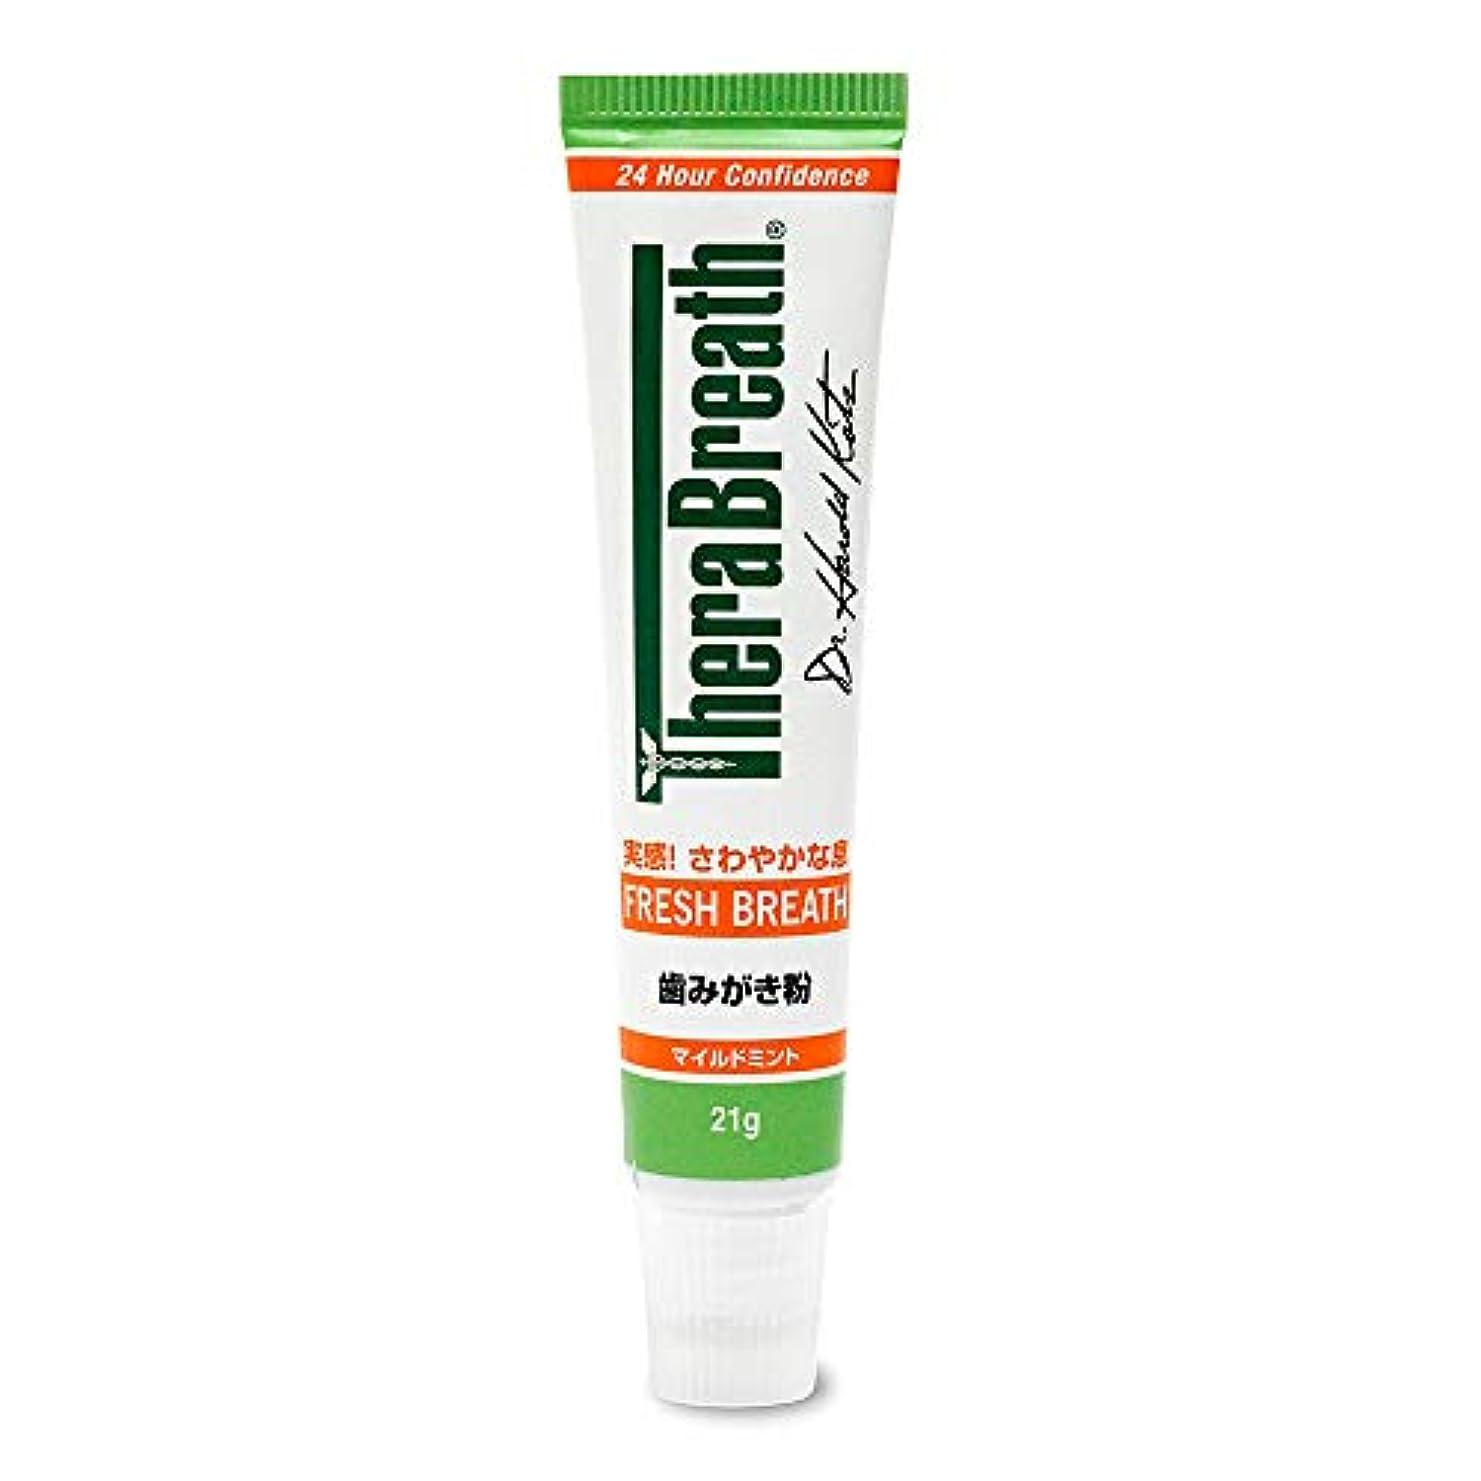 北米フローアイドルTheraBreath (セラブレス) セラブレス トゥースジェル ミニサイズ 21g (正規輸入品) 舌磨き